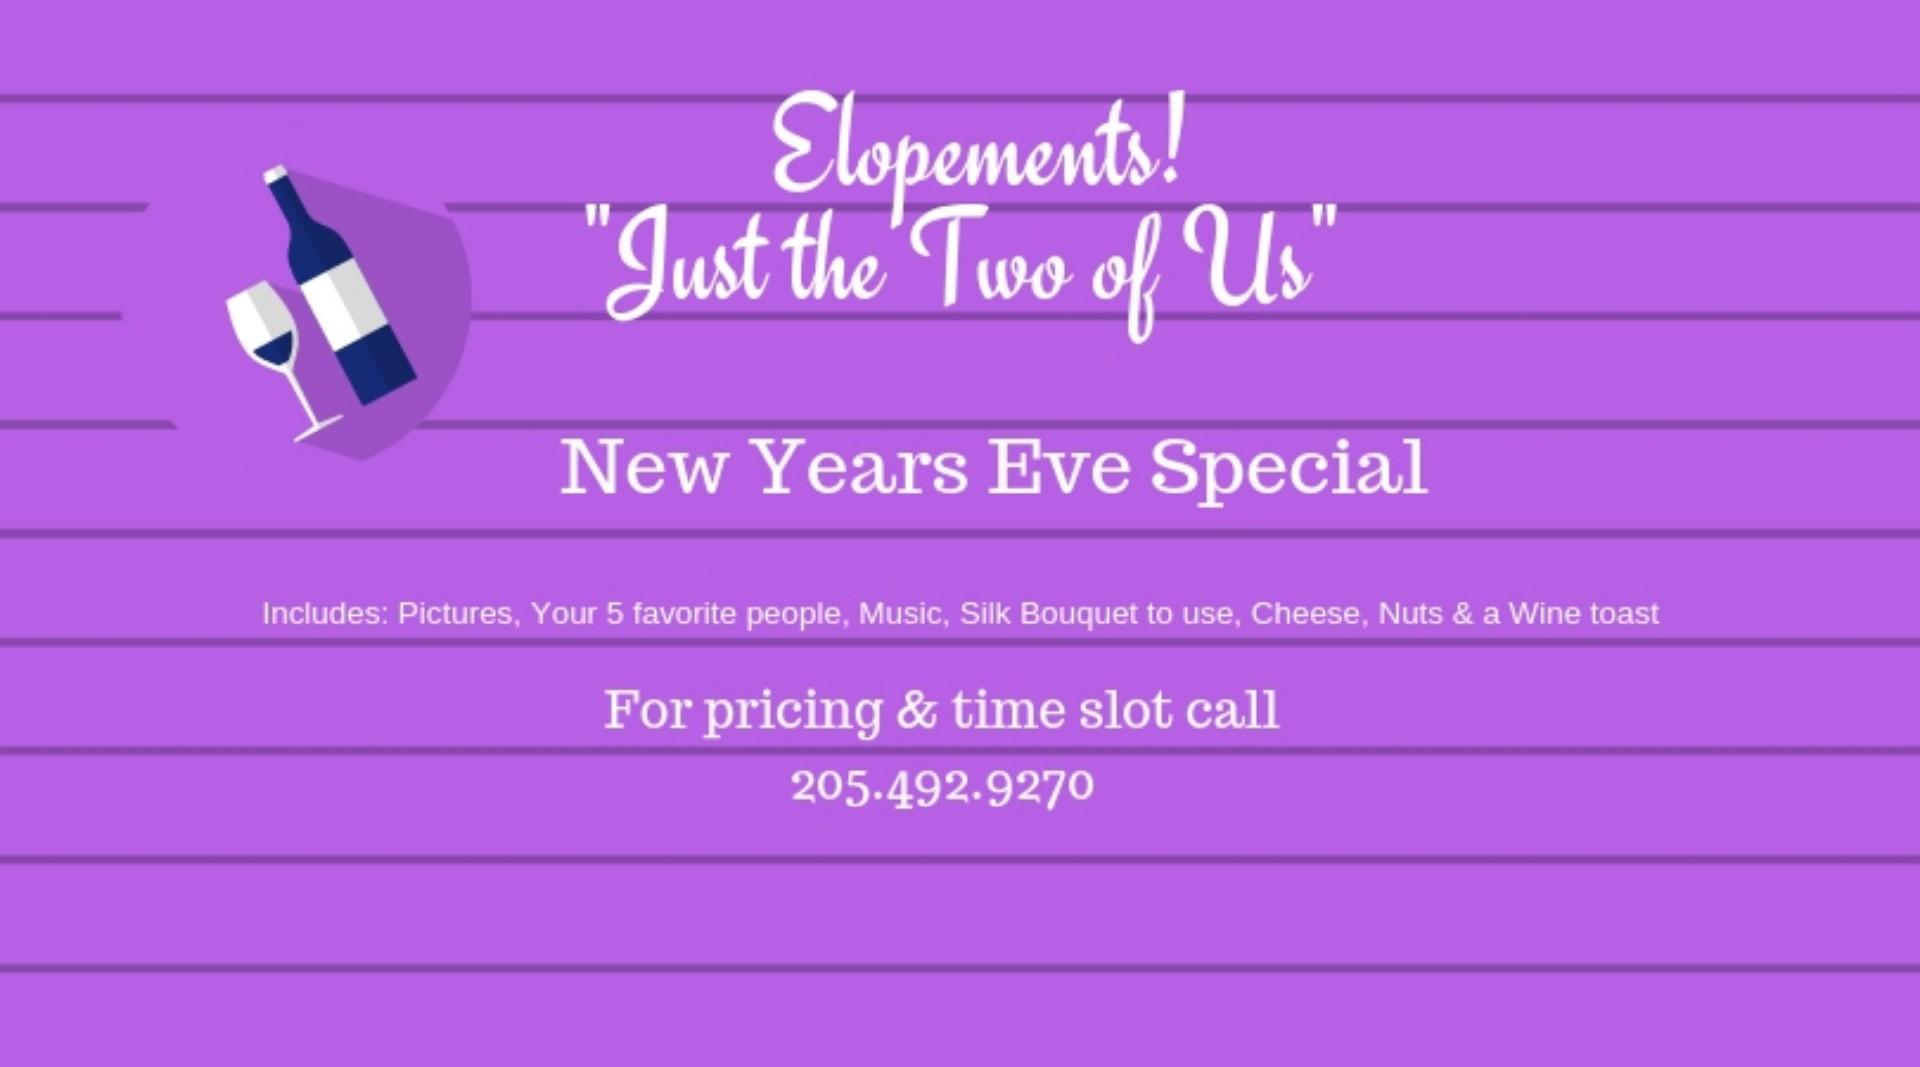 Elopement Special - New Years Eve - Birmingham, AL